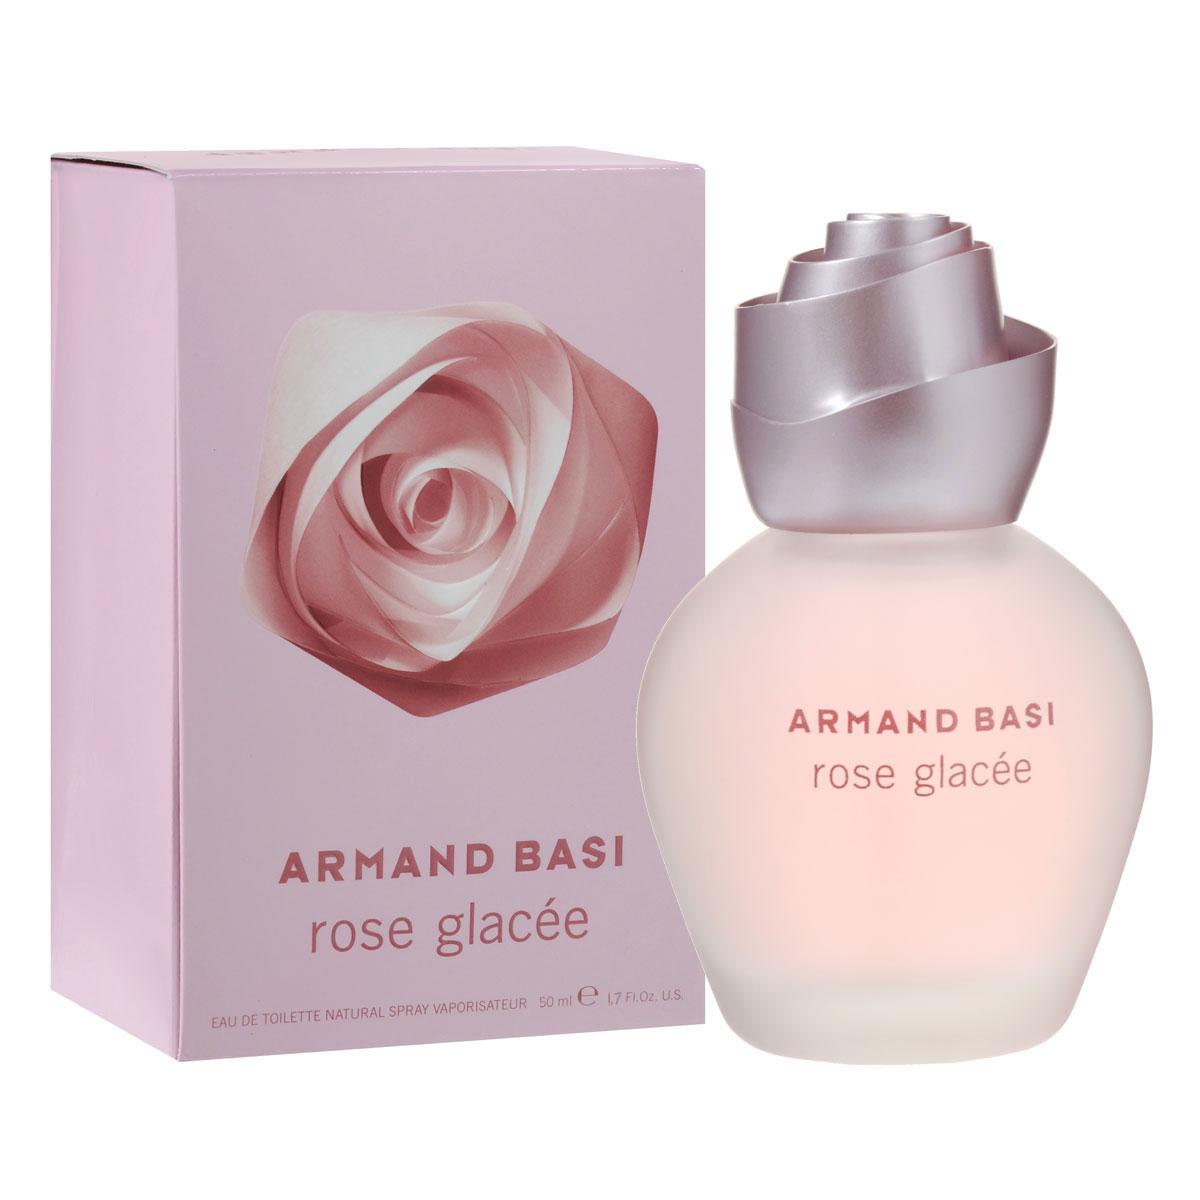 """Armand Basi Туалетная вода Rose Glacee, женская, 50 мл47100Органичная и геометричная, роза является сердцем и вдохновением нового аромата от Armand Basi, который открывает перед нами мир сущности цветка. Его концепция усовершенствована и обновлена выведением на игровое поле главного игрока - геометрии.Роза - это символ совершенства. Универсальный цветок, признанный во всем мире воплощением тайны женщины. Это самый безупречный цветок. Ее красота радует глаз; ее аромат роскошный, превосходный, пьянящий, нежно-бархатный и хрупкий. И в то же время он обманывает, бунтует и отклоняется от всех мыслимых стандартов: шипы ранят руку каждого, кто осмелится срезать розу. Glacee - французское слово, которое обозначает """"замороженный"""". Роза, закованная в ледяные цепи. Хранимая холодом, продлевающим жизнь ее красоты, она стоит непокорно и гордо. Обольстительная и прекрасная.Rose Glacee, имя нового аромата, воплощающего напряжение во внешнем проявлении. Теплая и холодная, спокойная и агрессивная, дружелюбная, но предающая, прекрасная, но эфемерная. Она совершенна в своей хрупкости, как и в своей обманности. Восхищаться ей - это испытывать обоснованную страсть к ее совершенству.Armand Basi Rose Glacee - это туманное очертание розы на закате. Свежесть, смешанная с нетерпением. Совершенство, замороженное во времени. Холод, что стимулирует и пробуждает. Форма спирали, что выбрасывается вперед. Завуалированный предмет удовольствия, словно обещание на будущее. Жажда жизни. Интенсивность молодости. Тайна, что постепенно раскрывается. Неудержимая и первобытная радость бытия. Классификация аромата: цветочный. Пирамида аромата: Верхние ноты: зеленое яблоко, грейпфрут, лимон. Ноты сердца: роза Пьяже, корица, абрикосовый нектар. Ноты шлейфа: светлое дерево, амбра, мускус. Ключевые слова Свежий, морозный, таинственный!Туалетная вода - один из самых популярных видов парфюмерной продукции. Туалетная вода содержит 4-10%парфюмерного экстракта. Главные достоинства данного типа продукции заключаются """